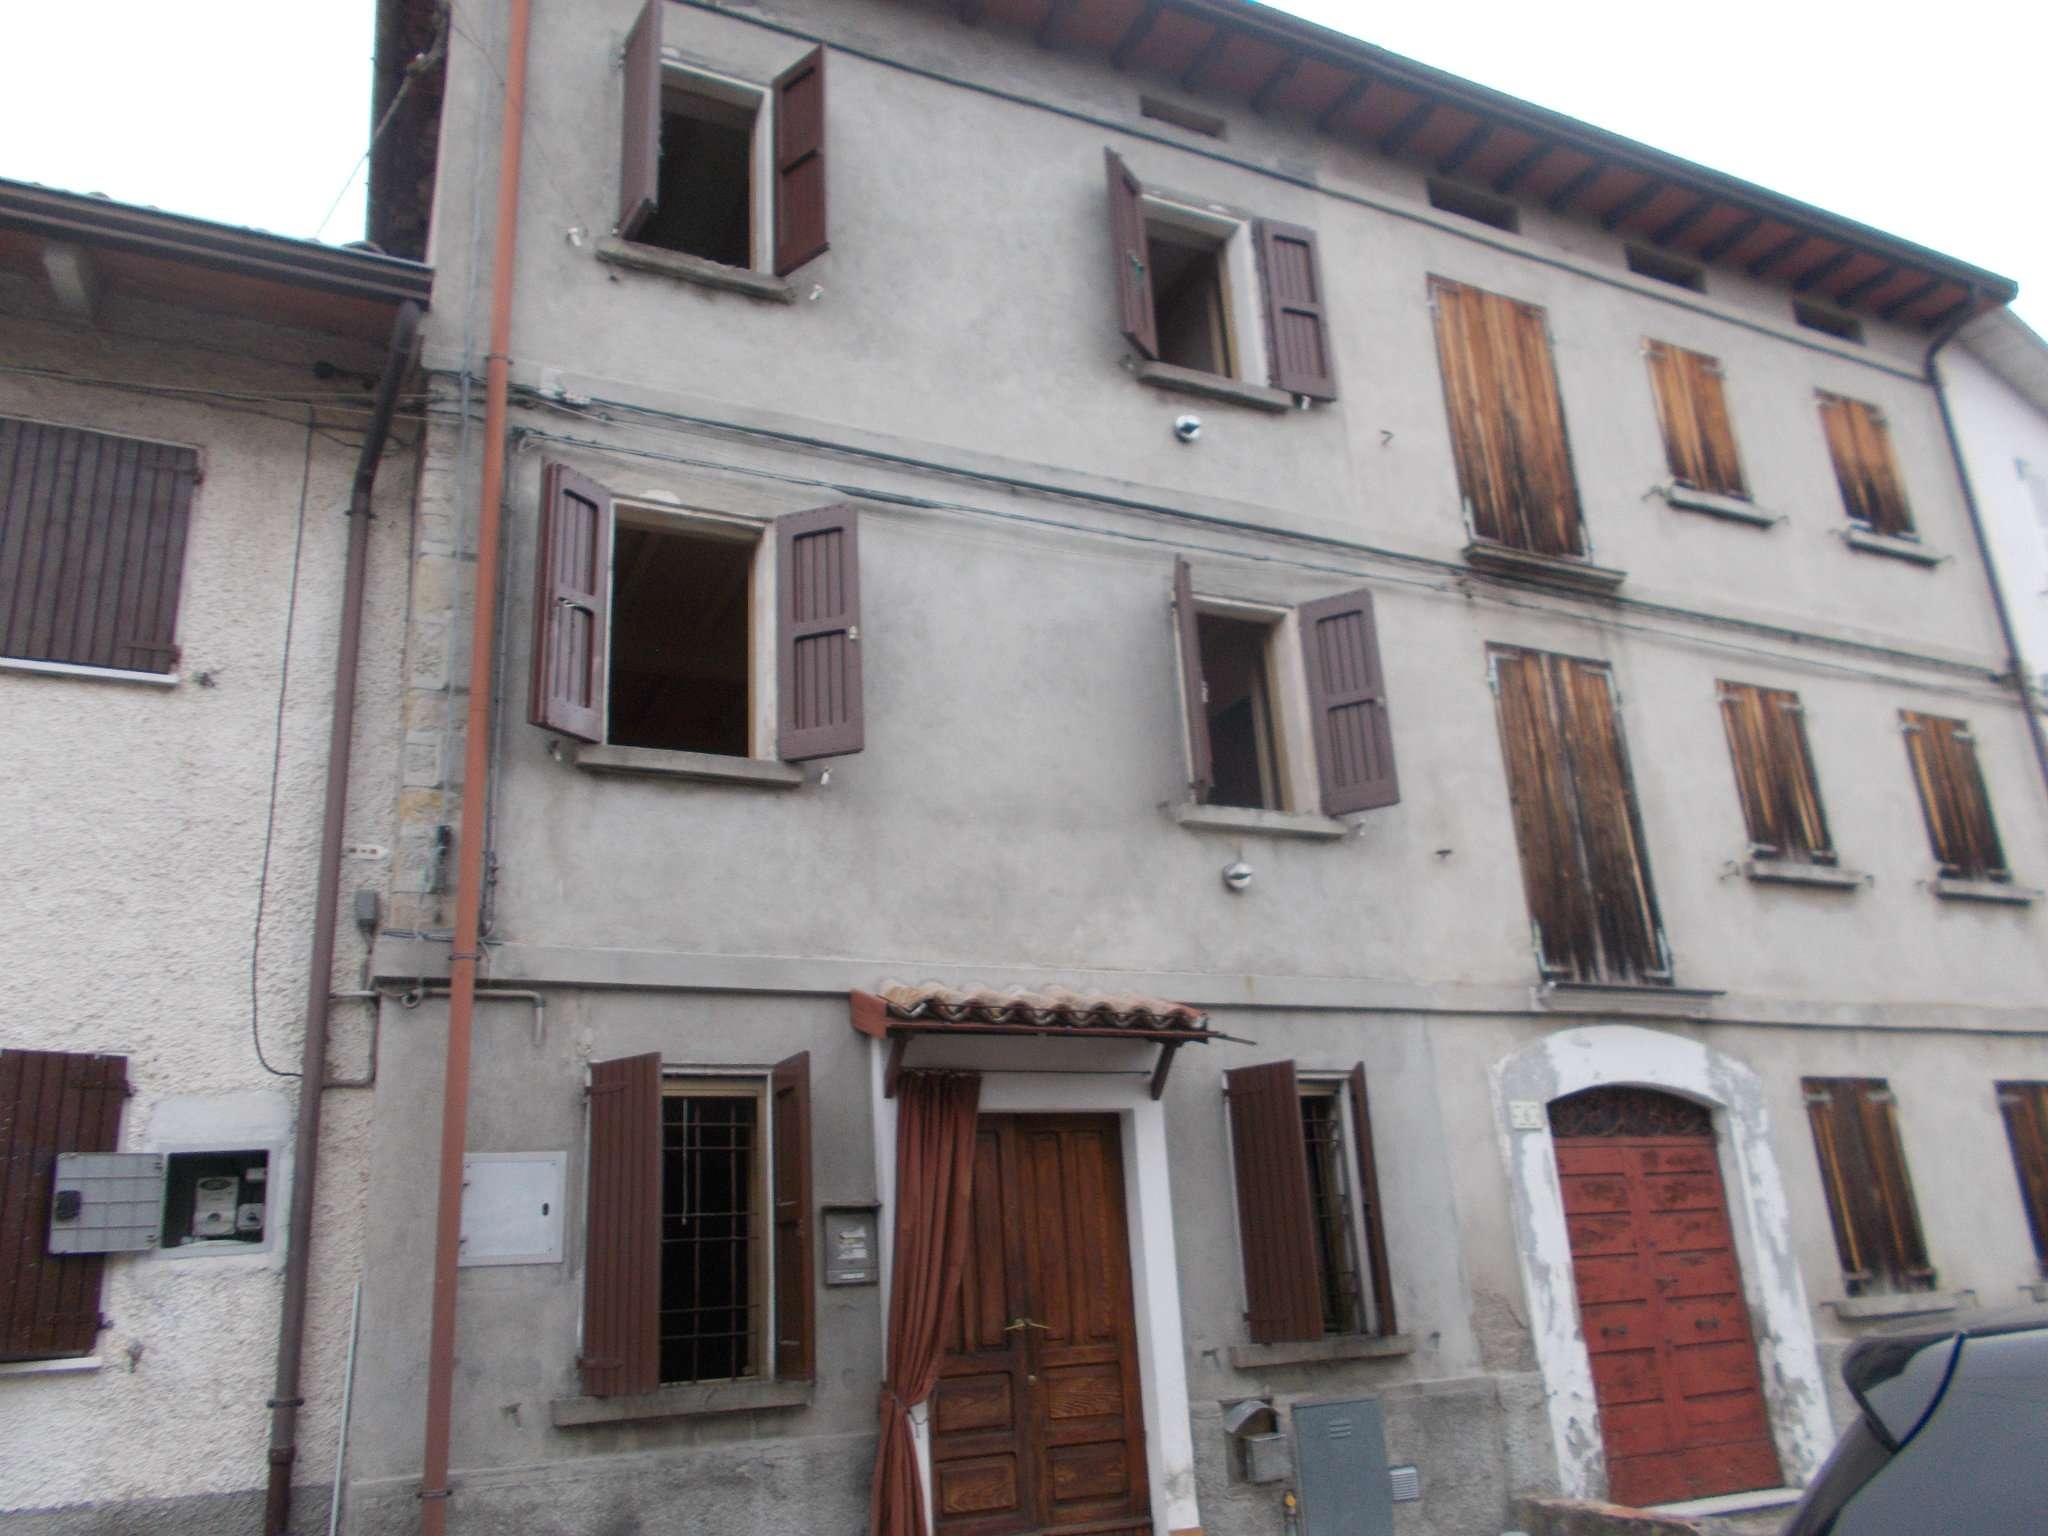 Soluzione Indipendente in vendita a Casina, 3 locali, prezzo € 20.000   CambioCasa.it